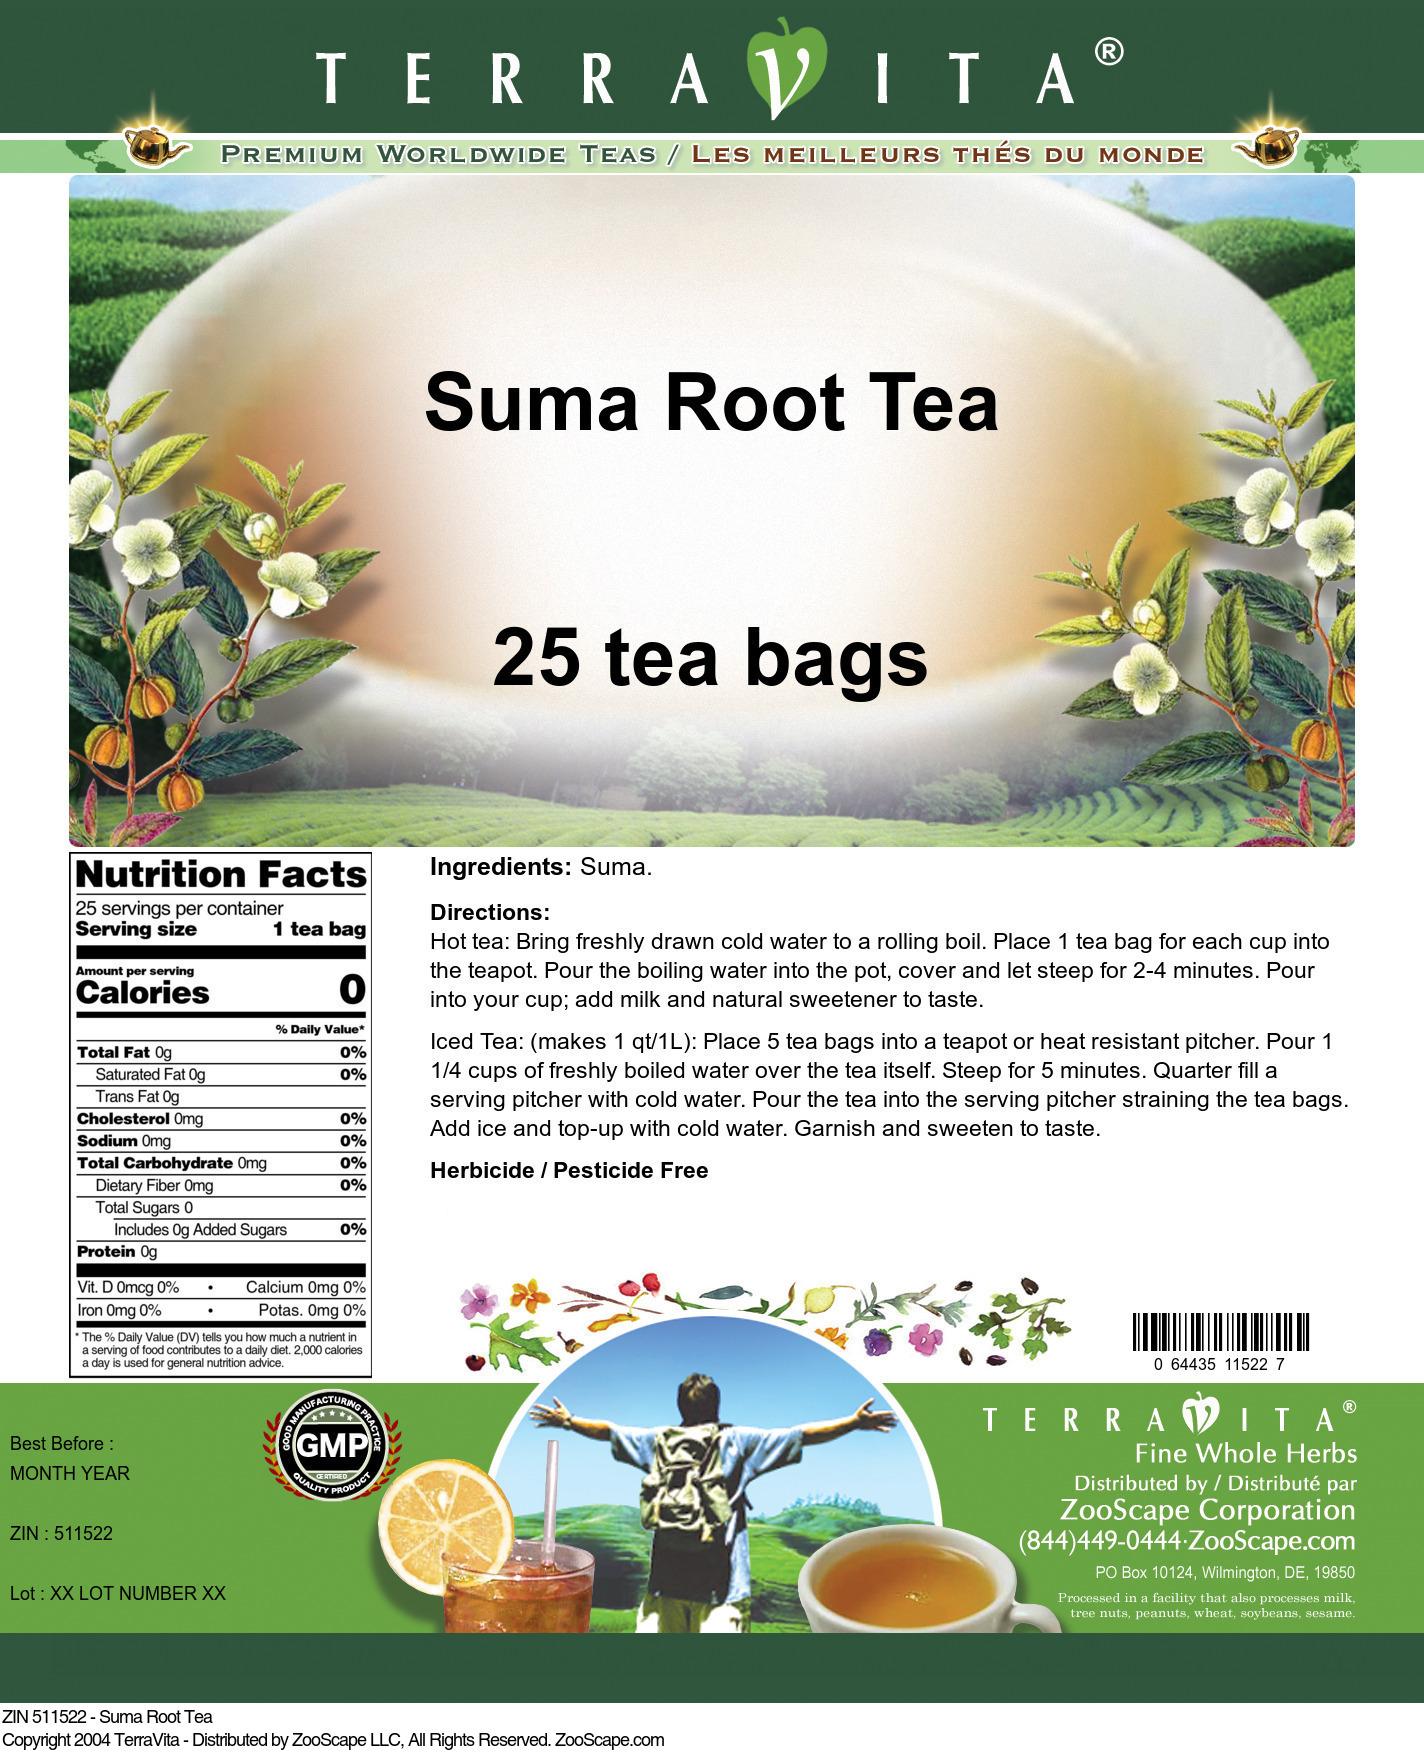 Suma Root Tea